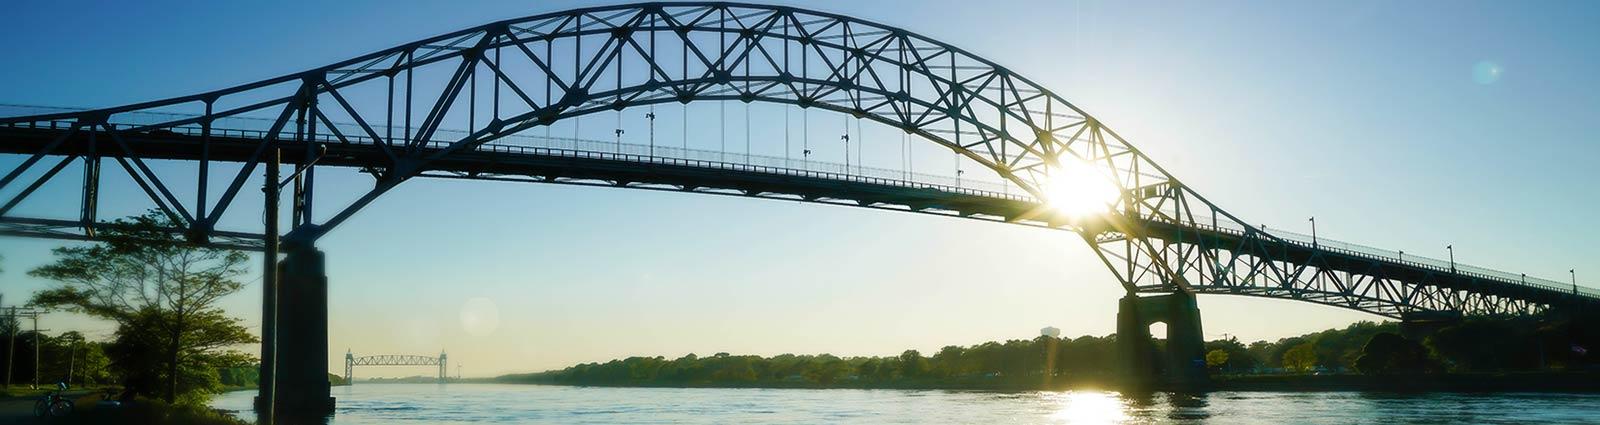 bridge connecting cape cod